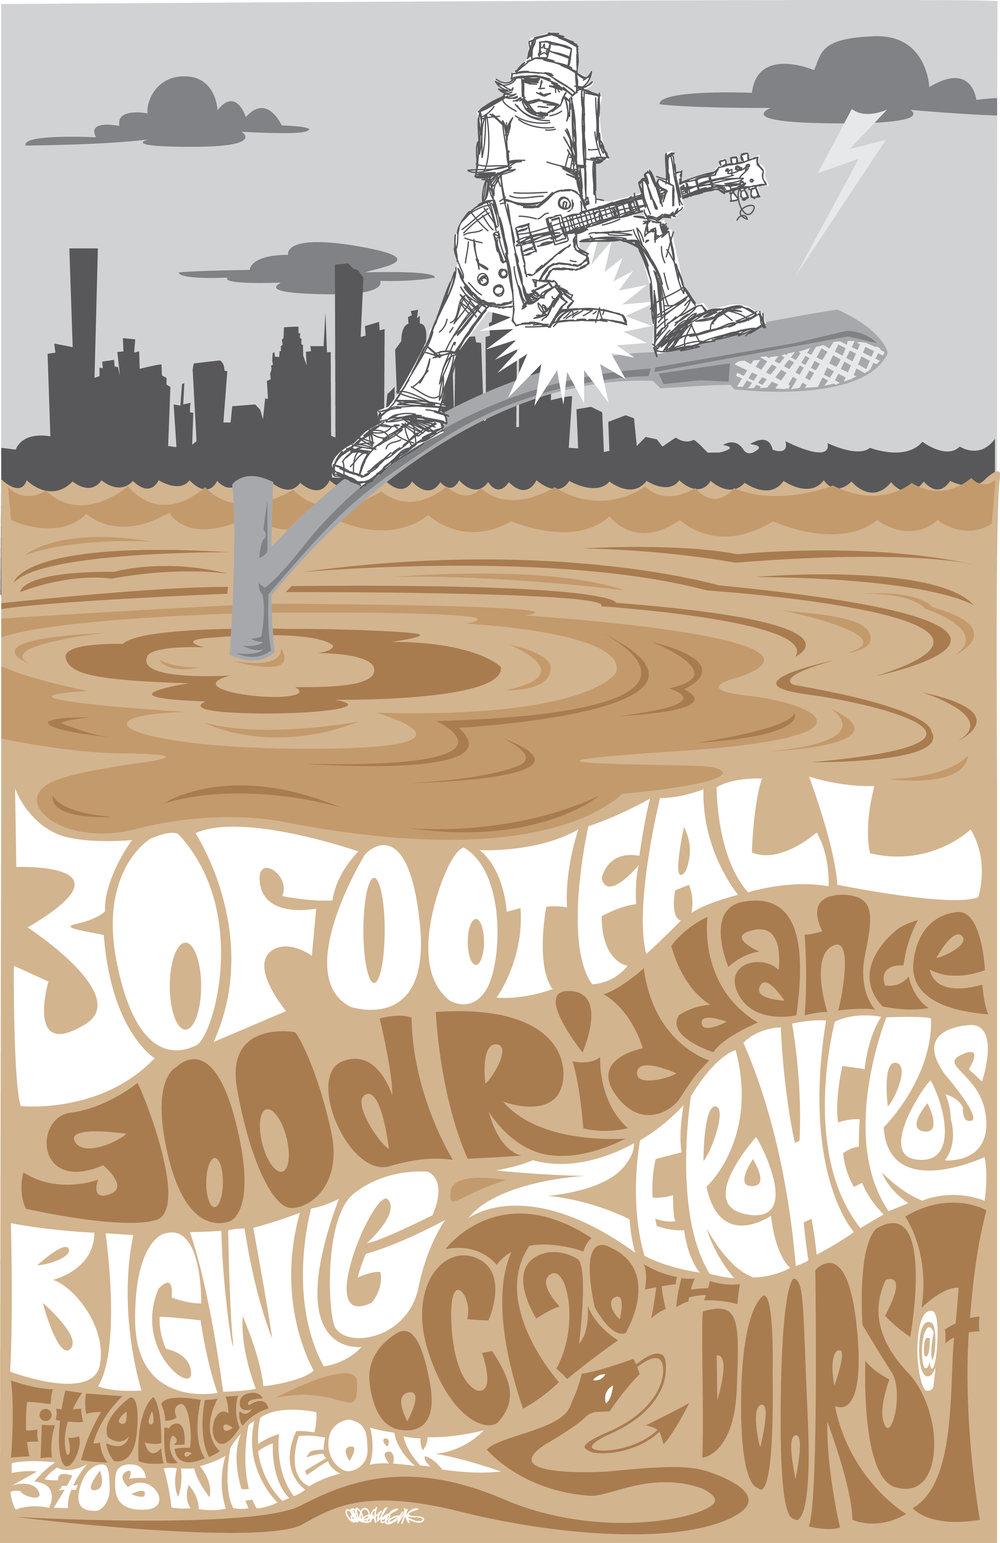 30 foot final poster 1.jpg